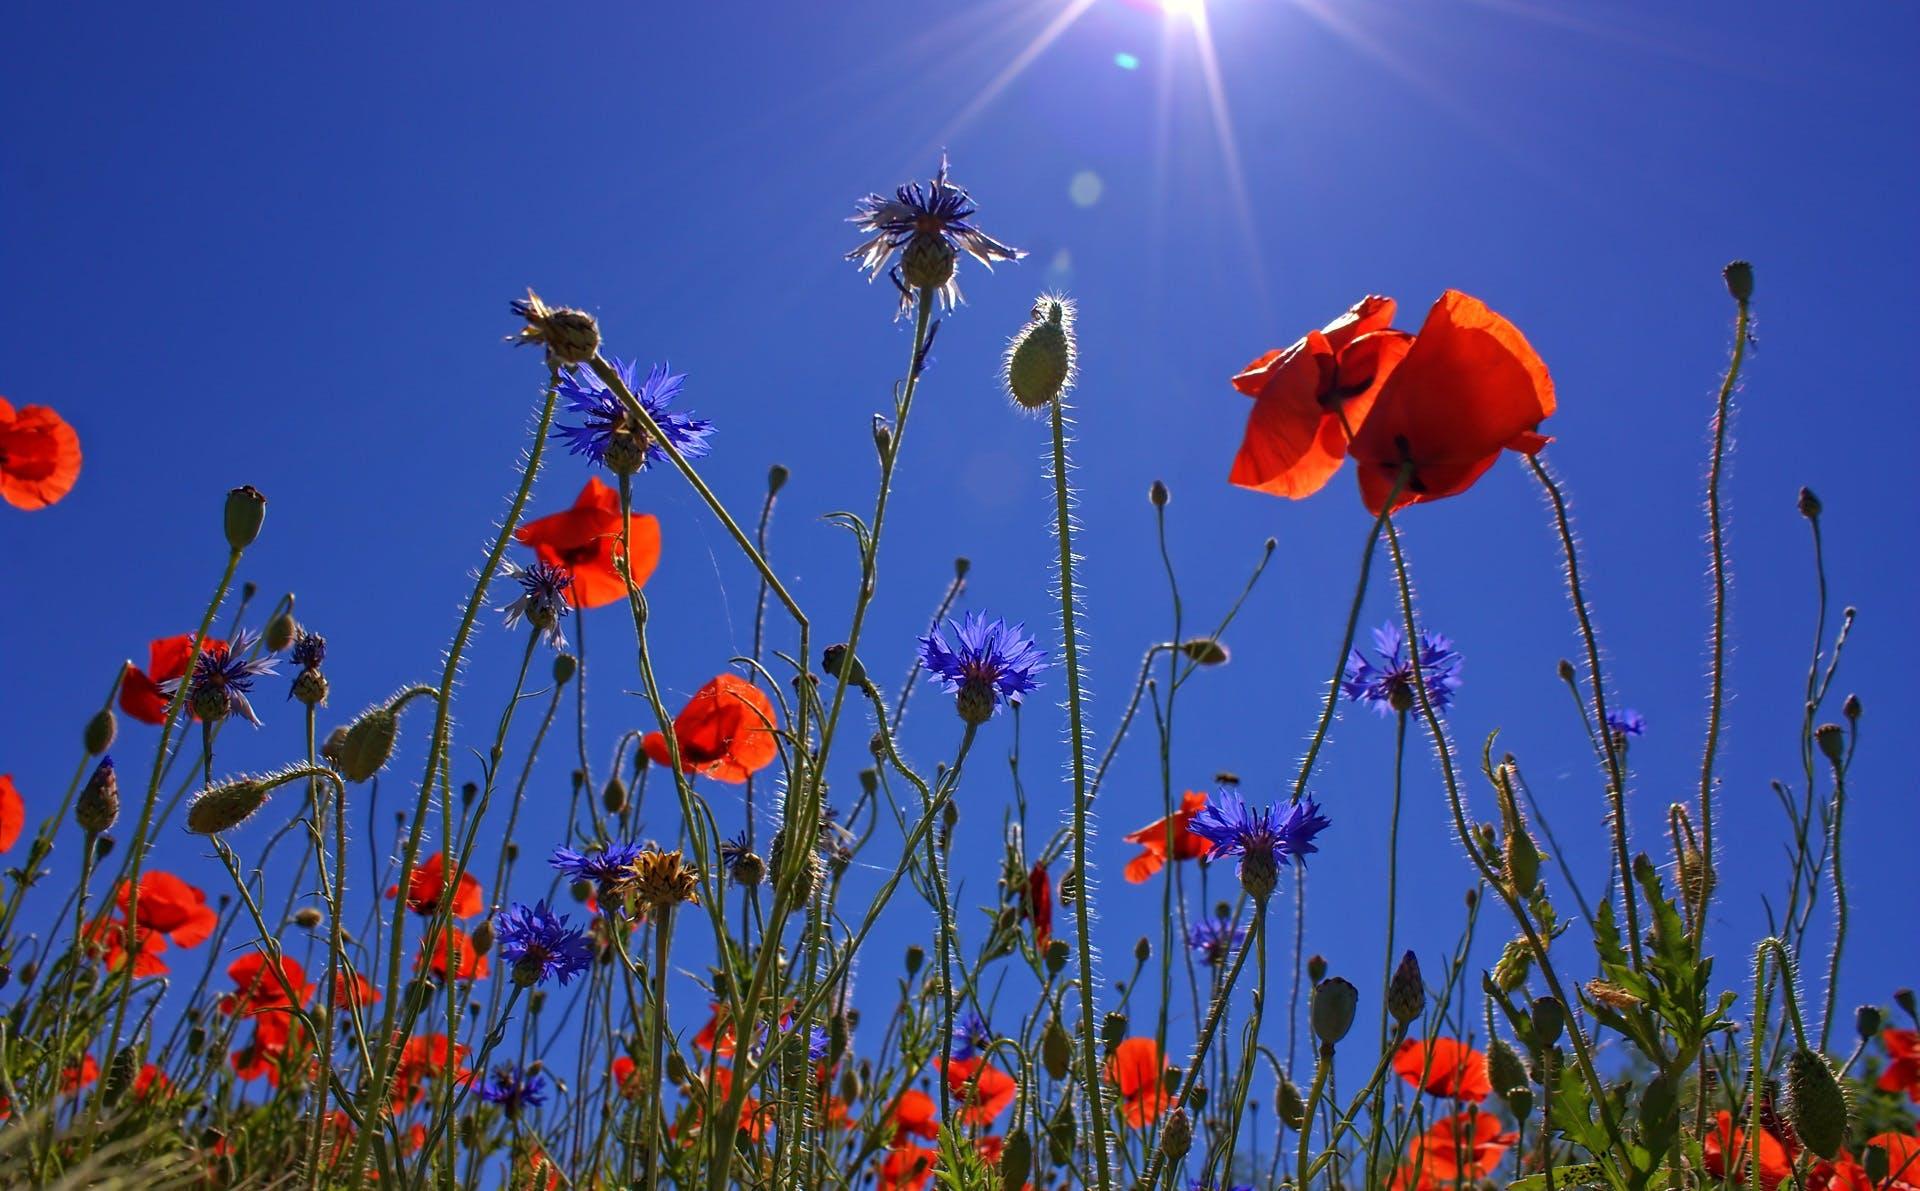 Kostenloses Stock Foto zu natur, himmel, blumen, sonne